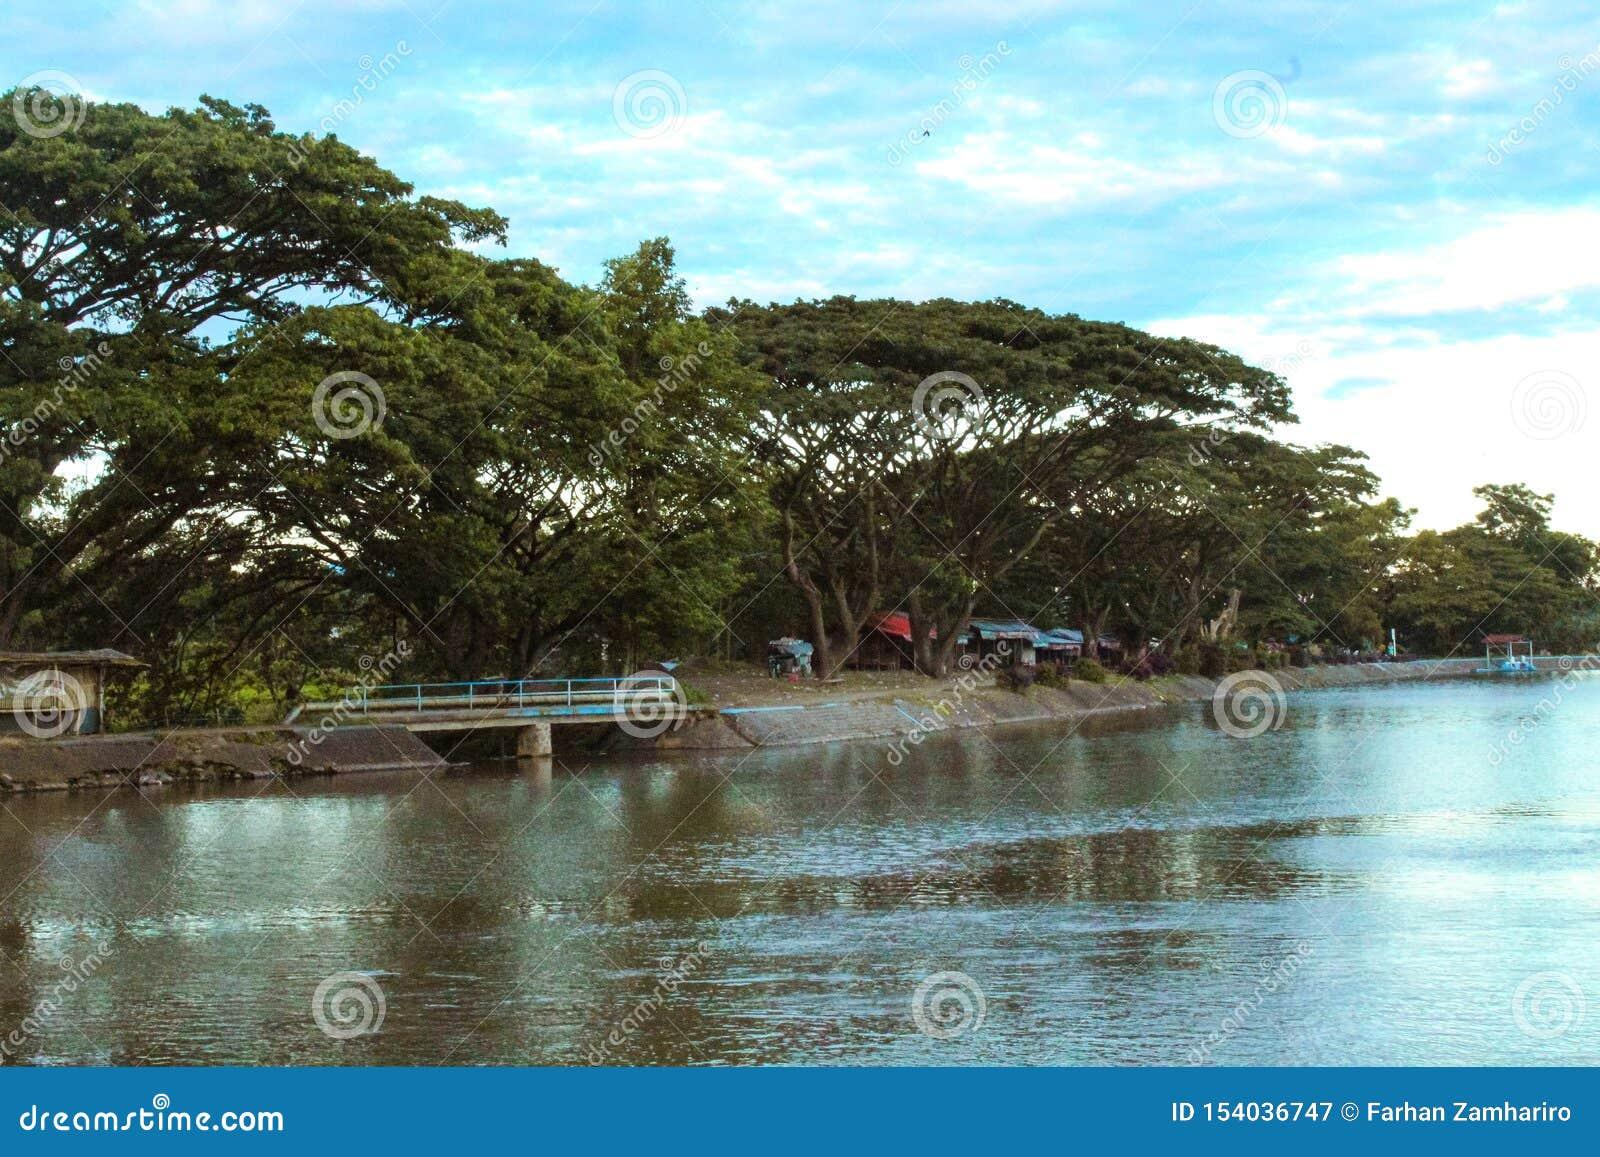 Natur - eine schöne Landschaft im See